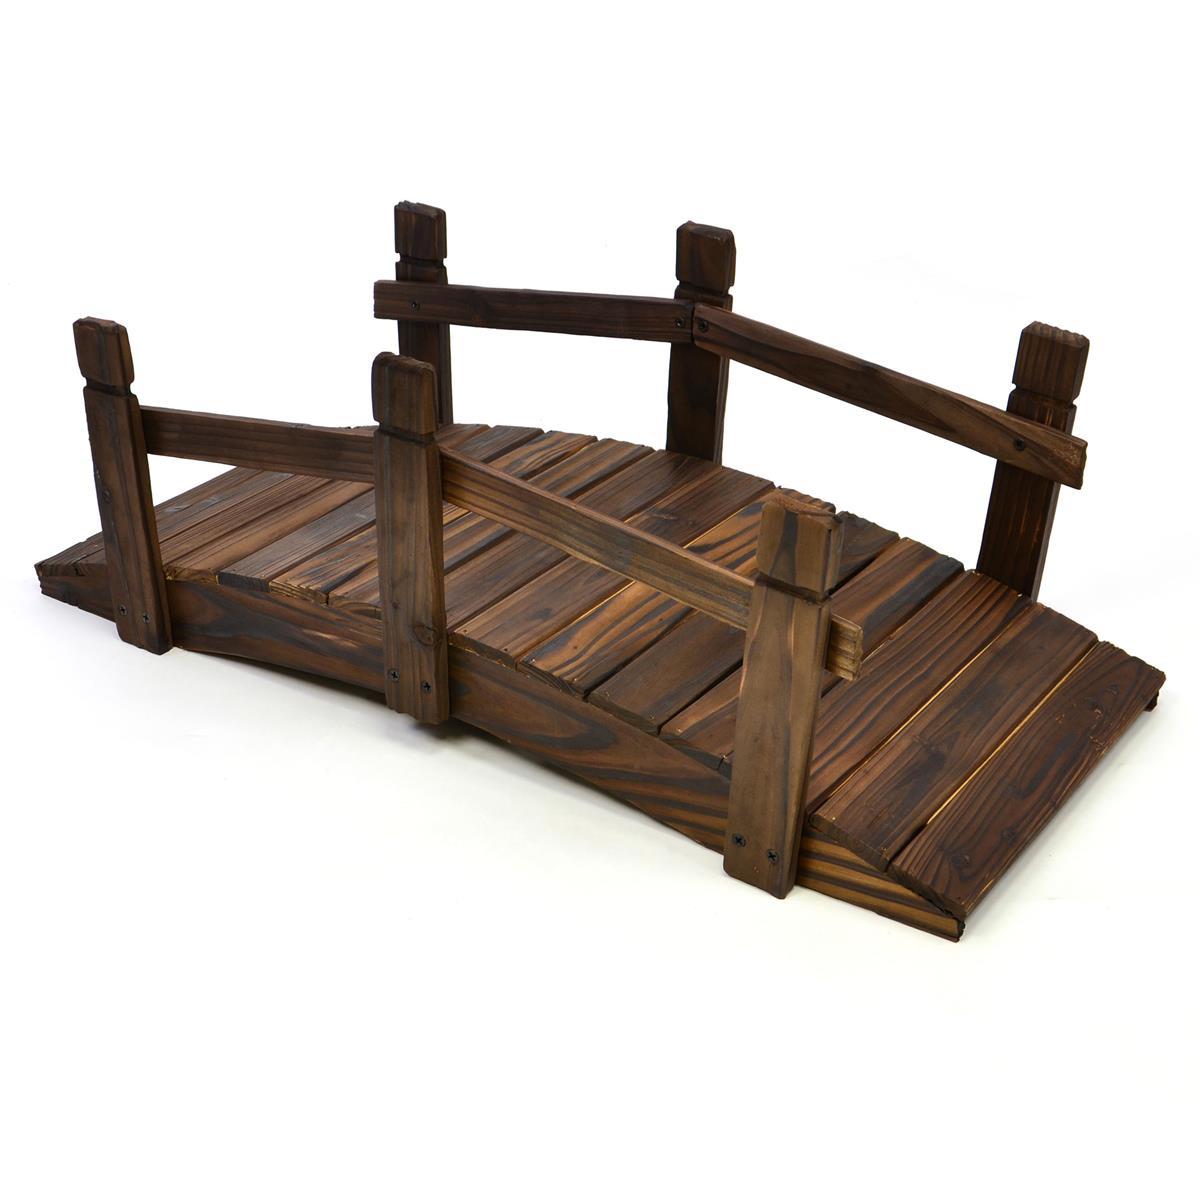 kleine Holzbrücke Teichbrücke mit Geländer braun 70x32x25 cm Gartenbrücke Steg